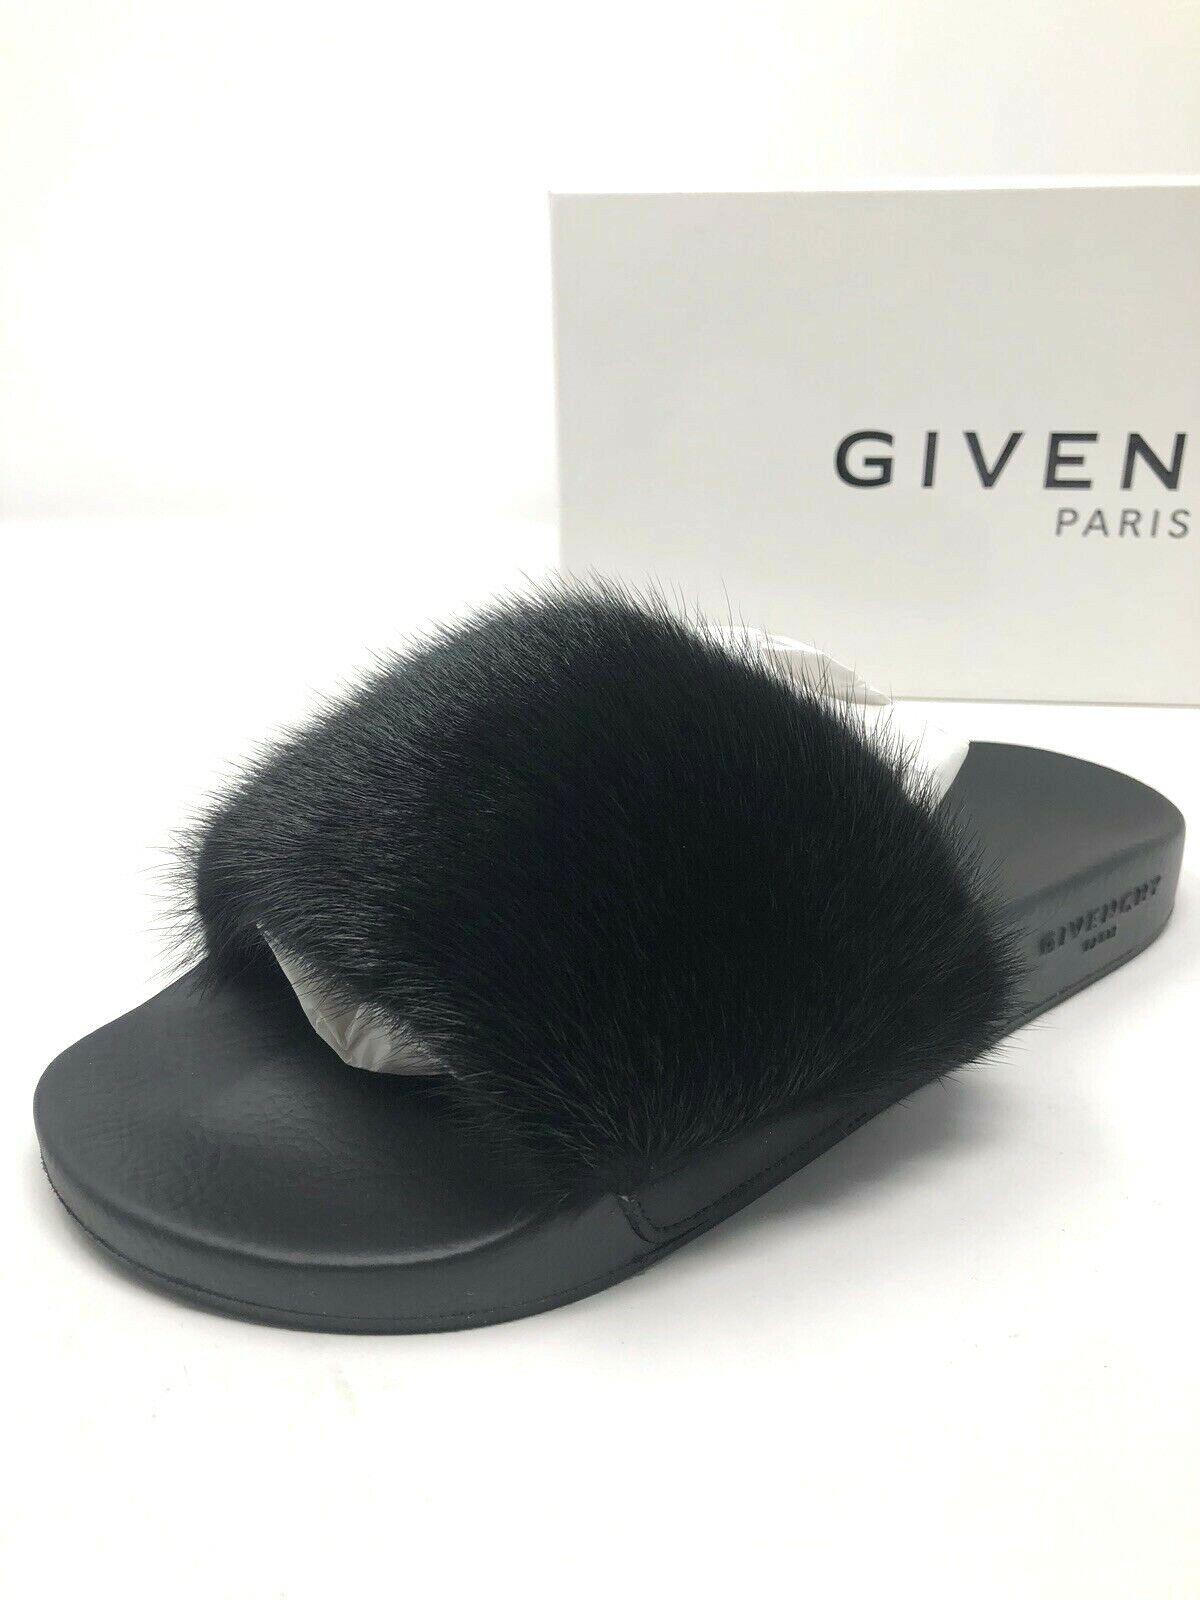 550 Nueva Givenchy Para Mujer Mujer Mujer negro de piel de visón diapositivas Pantuflas Zapatos De Las Señoras Talla 7 37  precio al por mayor